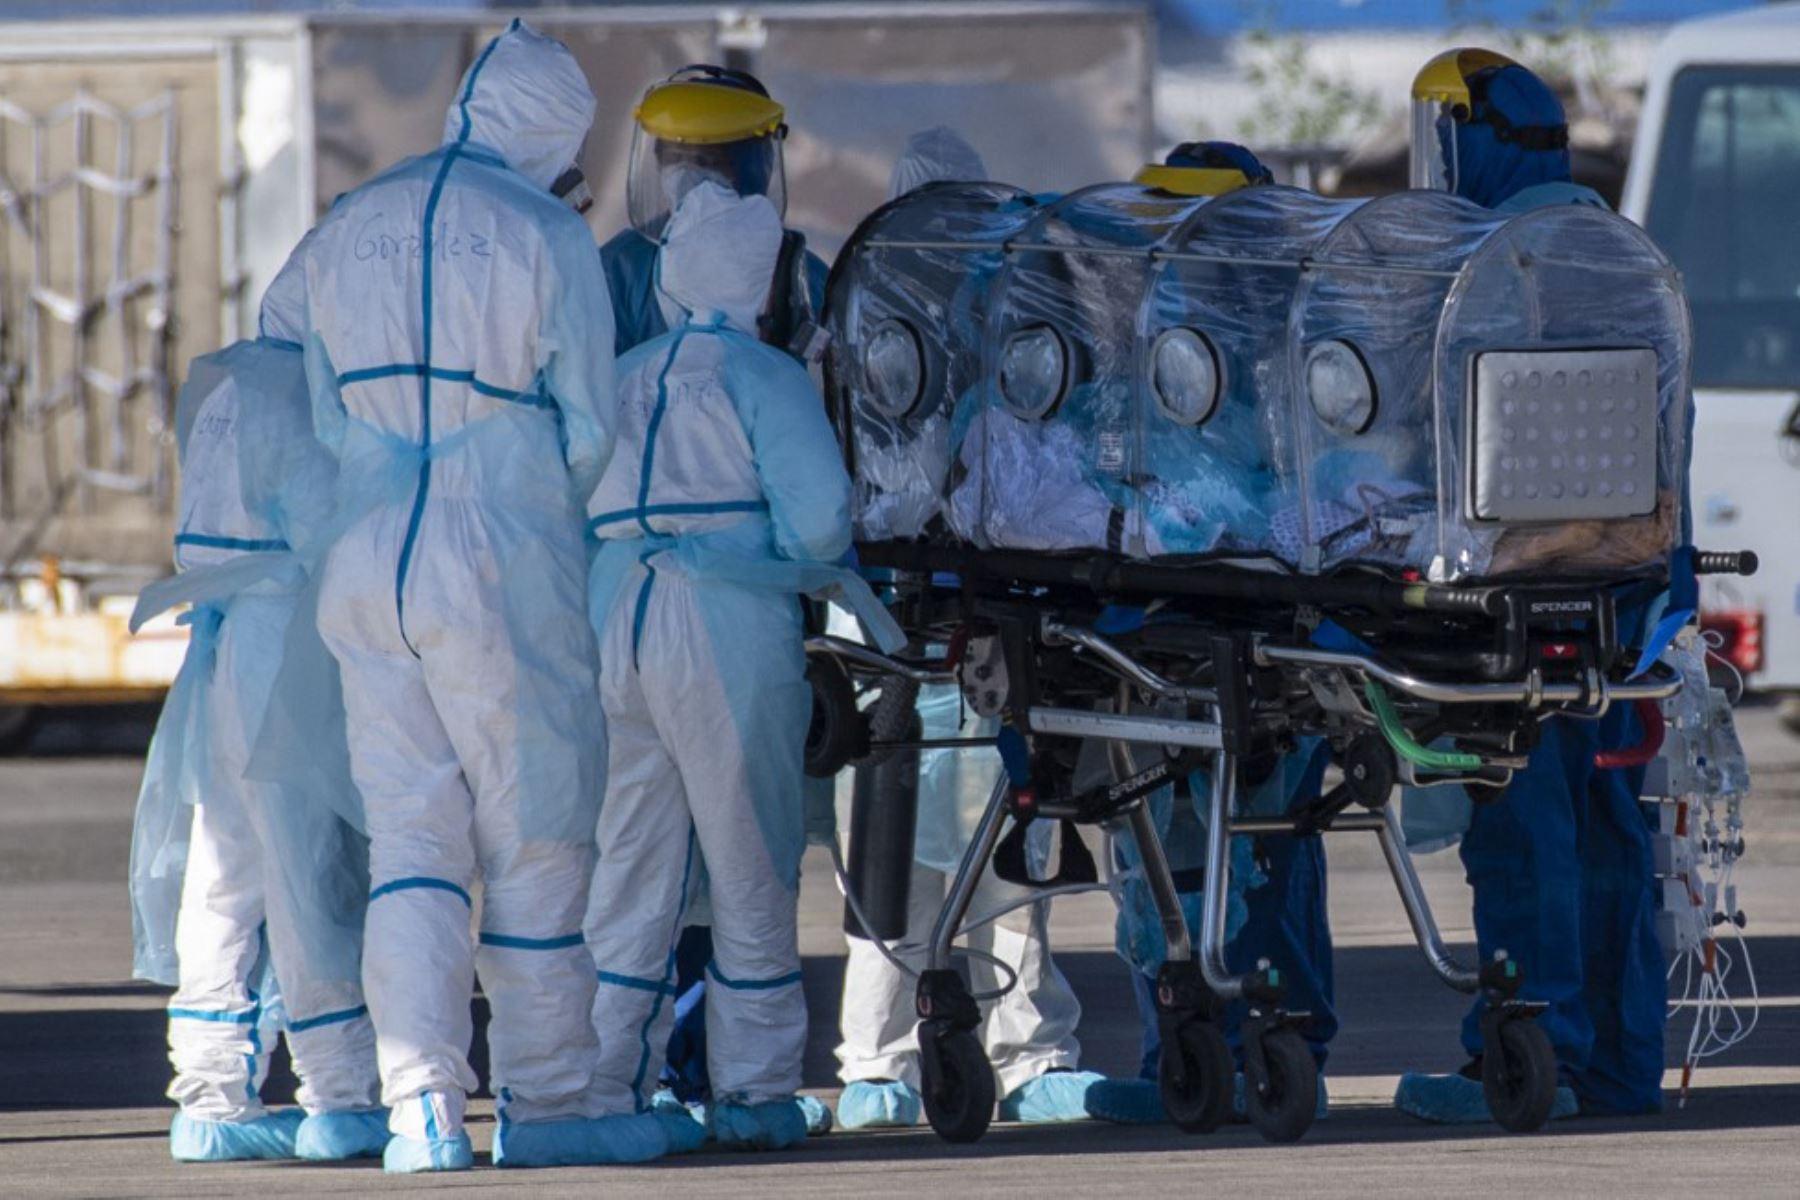 Los trabajadores de salud trasladan a un paciente infectado con COVID-19 a un Hércules C-130, para llevarlo a la ciudad de Concepción, en una base de la Fuerza Aérea de Chile en Santiago. Foto: AFP